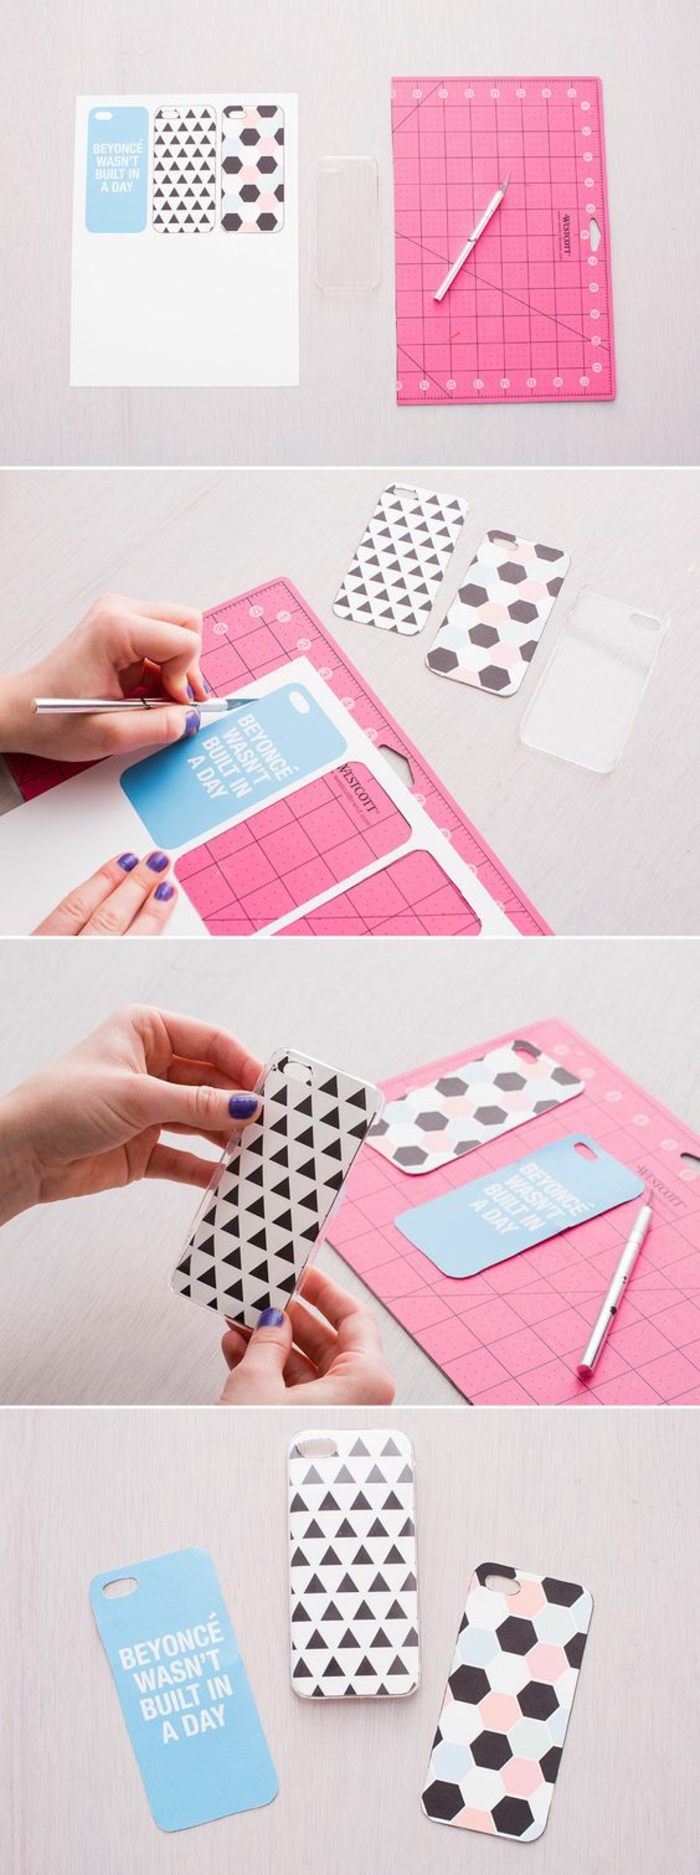 handyhulle-selbst-gestalten-handyhulle-gestalten-mit-buntem-papier